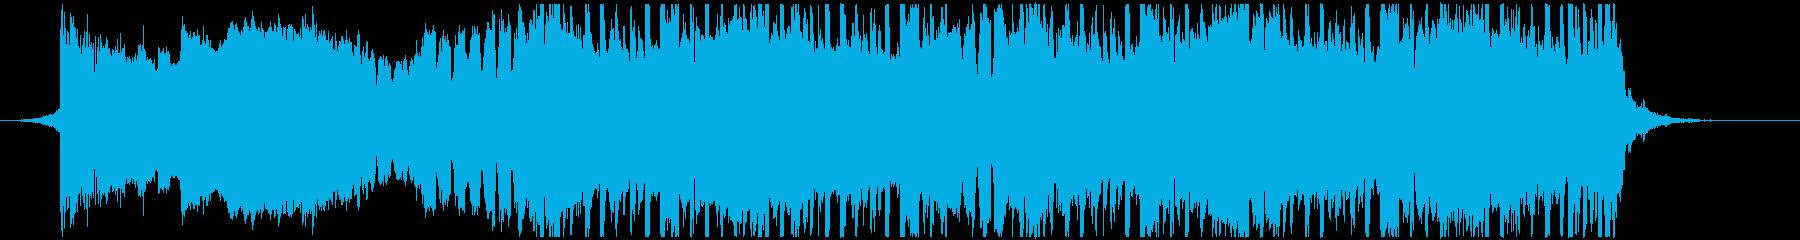 VP系9、クラブ系、クール、オシャレBの再生済みの波形